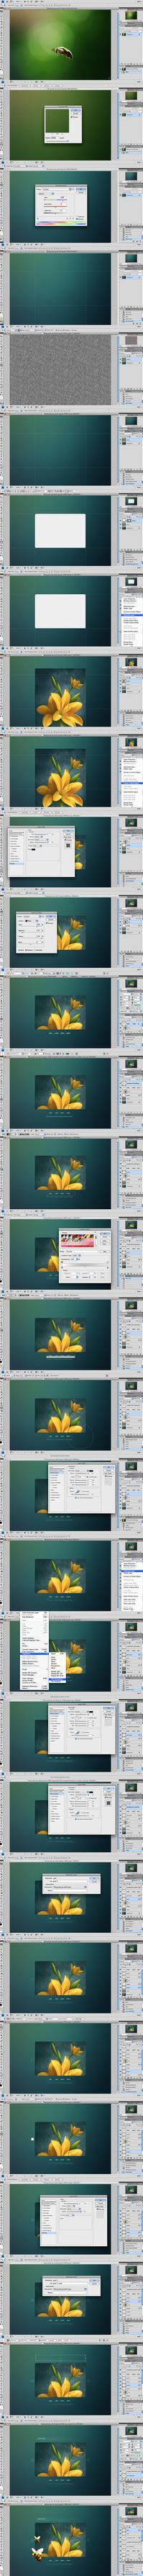 Photoshop Web Layout Tutorial